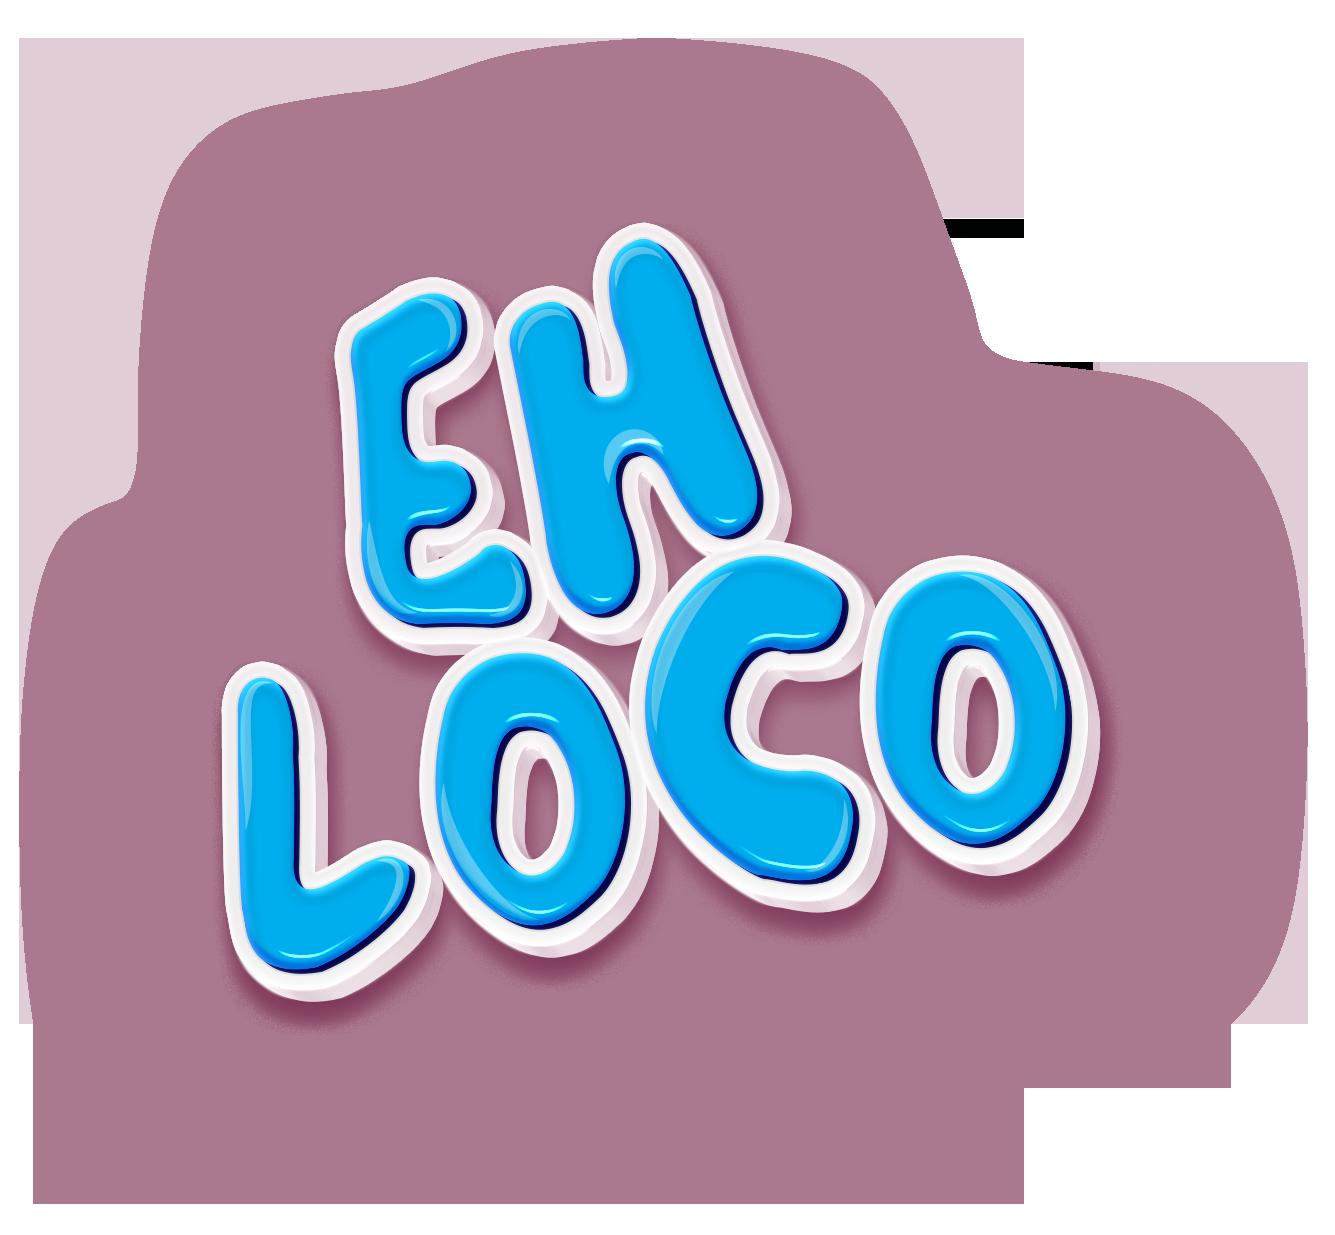 eh loco copy